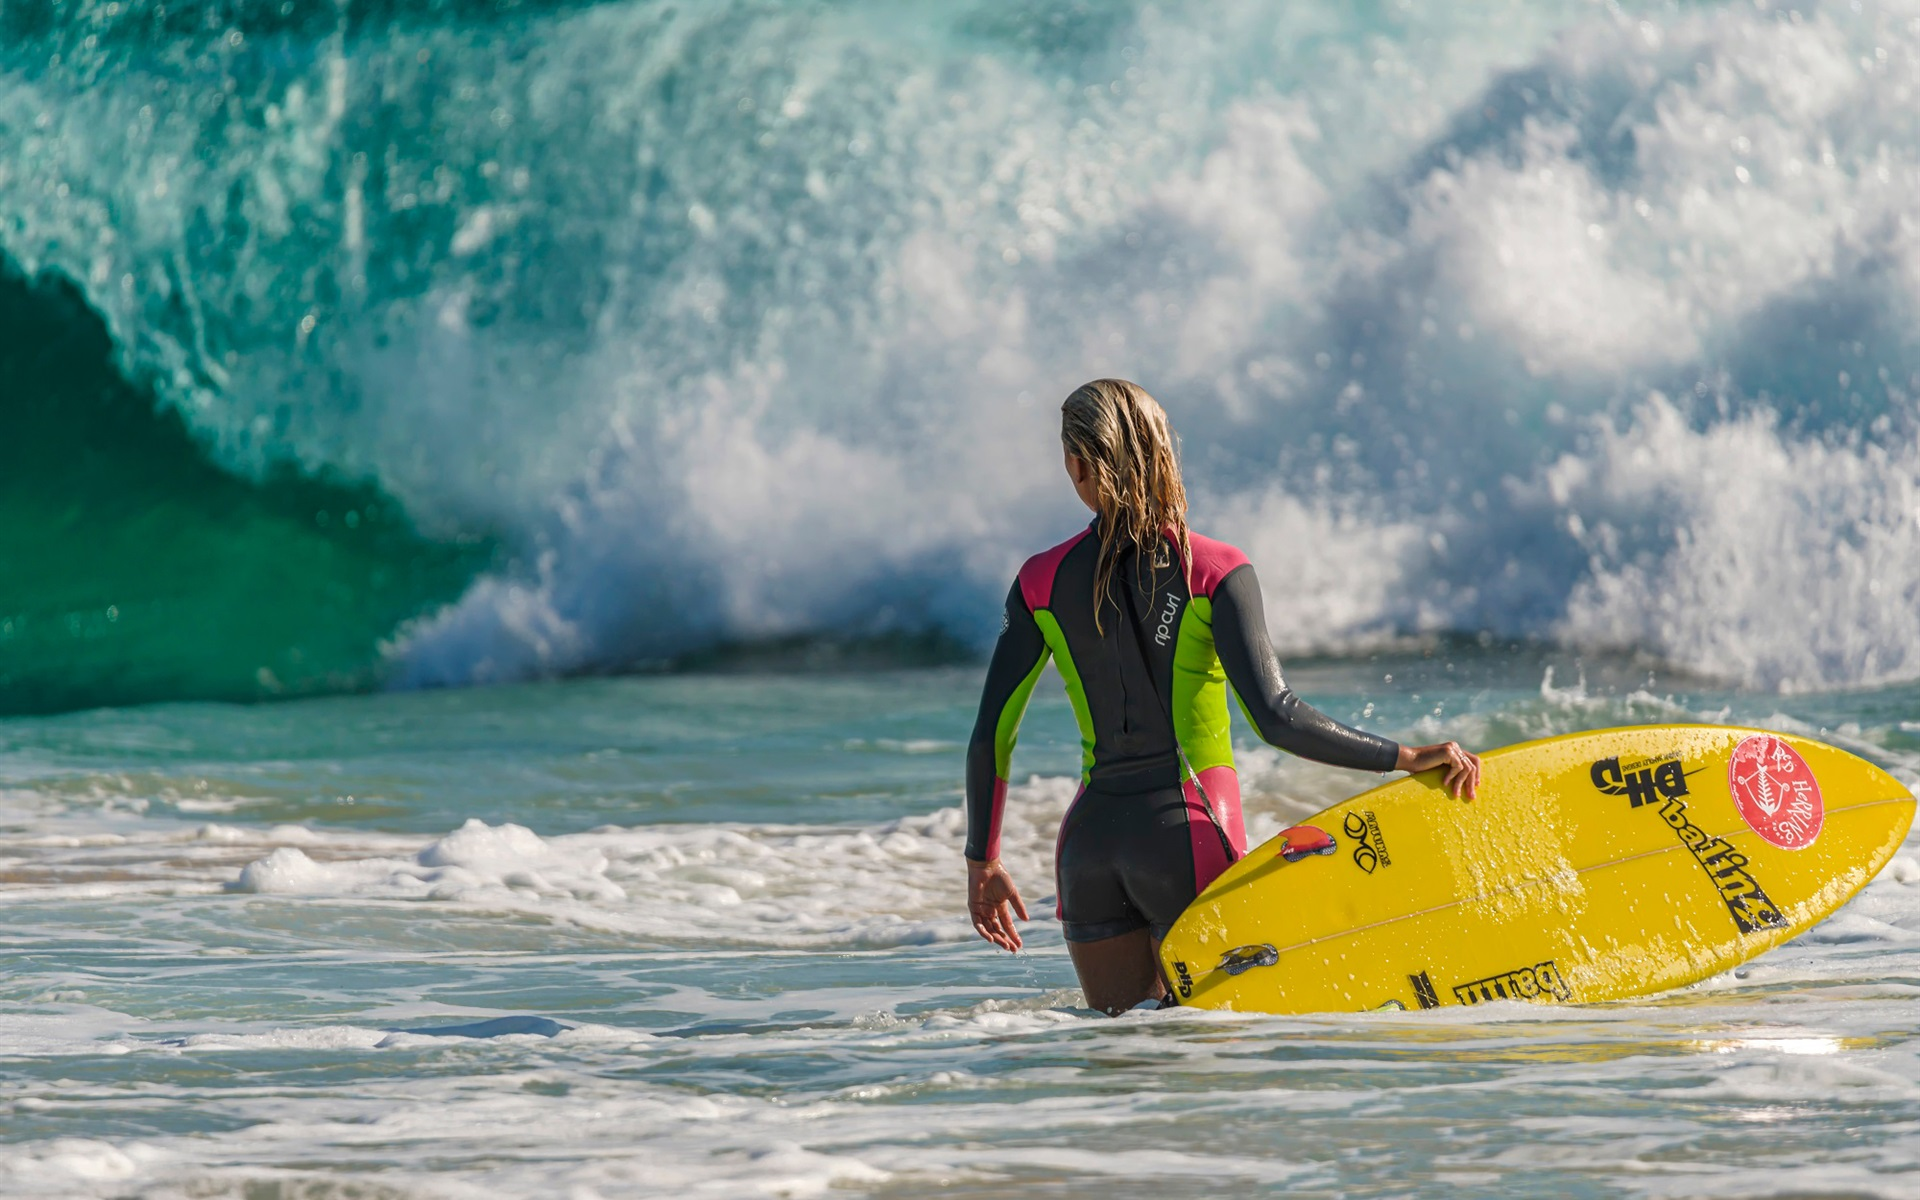 壁紙 海の波 サーフィンの少女 ボード 1920x1200 Hd 無料の